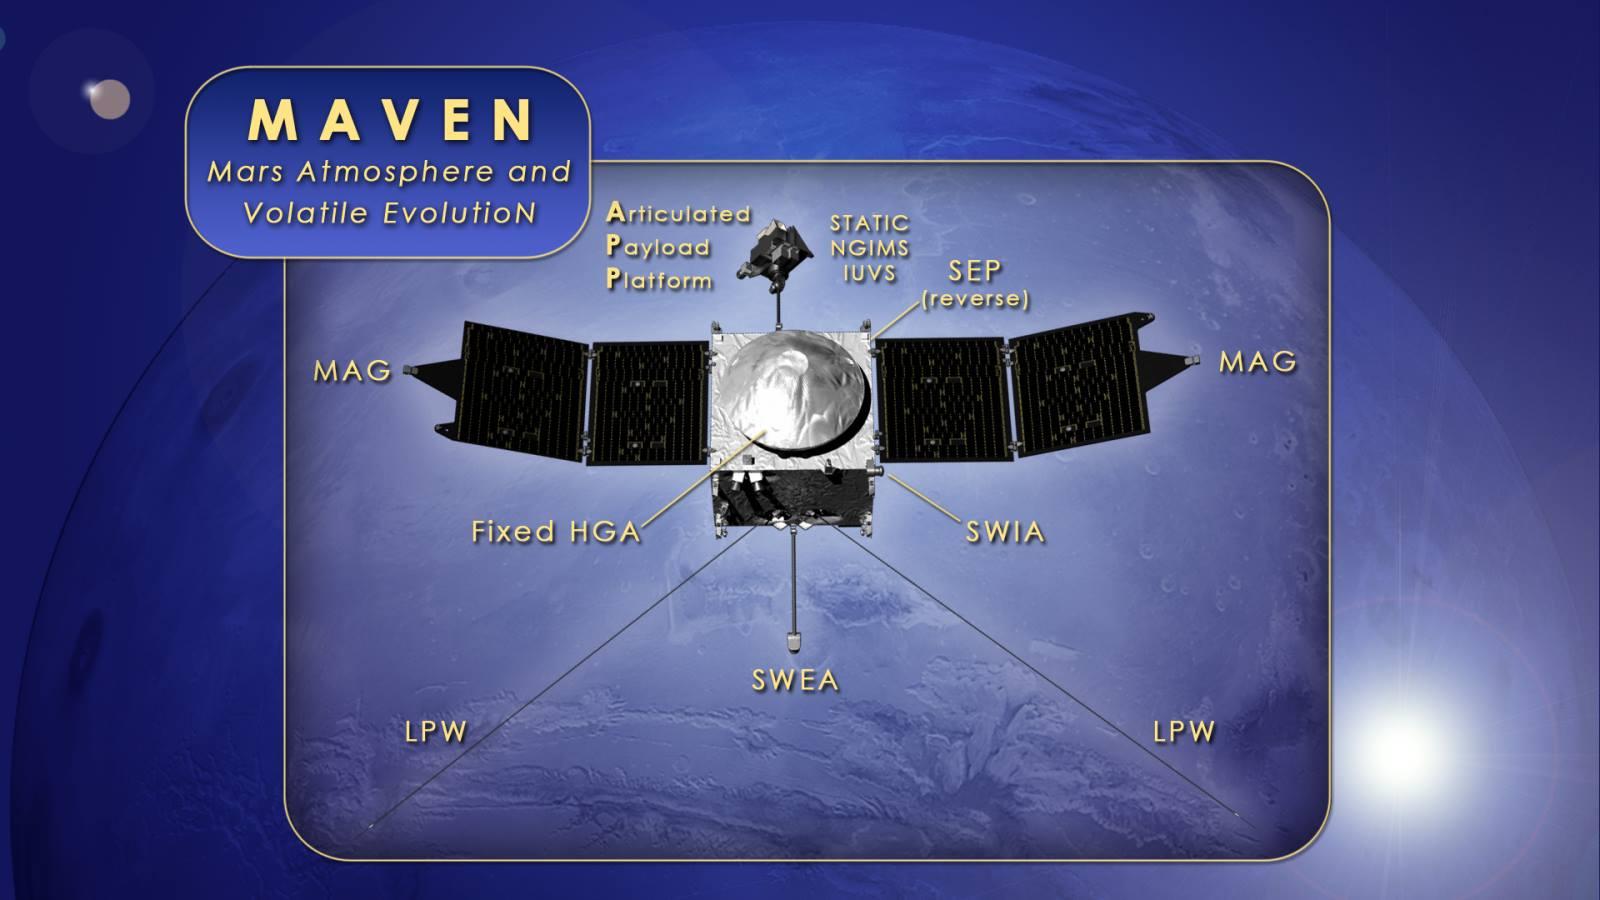 MAVEN Instruments